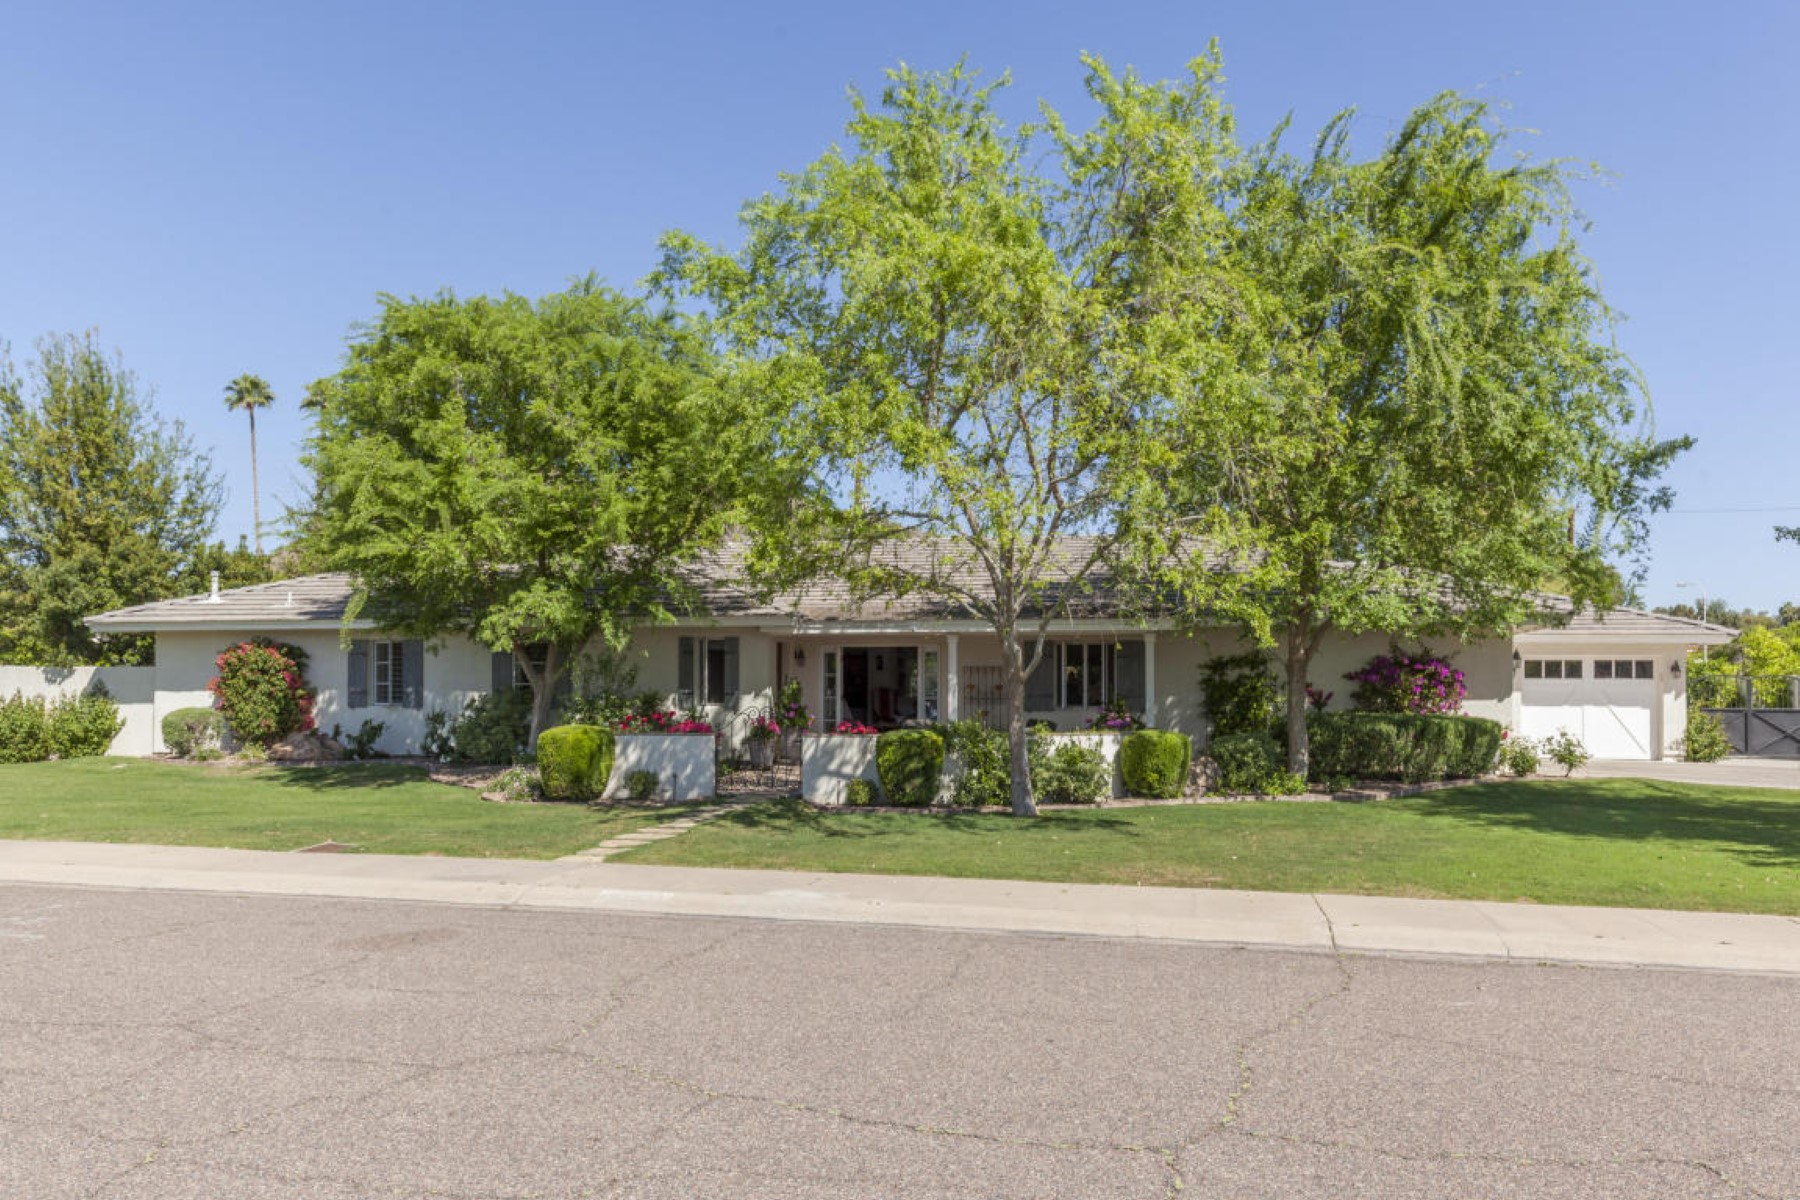 Maison unifamiliale pour l Vente à Quintessential Arcadia charm in this wonderful five bedroom home. 6140 E Calle Del Sud Scottsdale, Arizona 85251 États-Unis